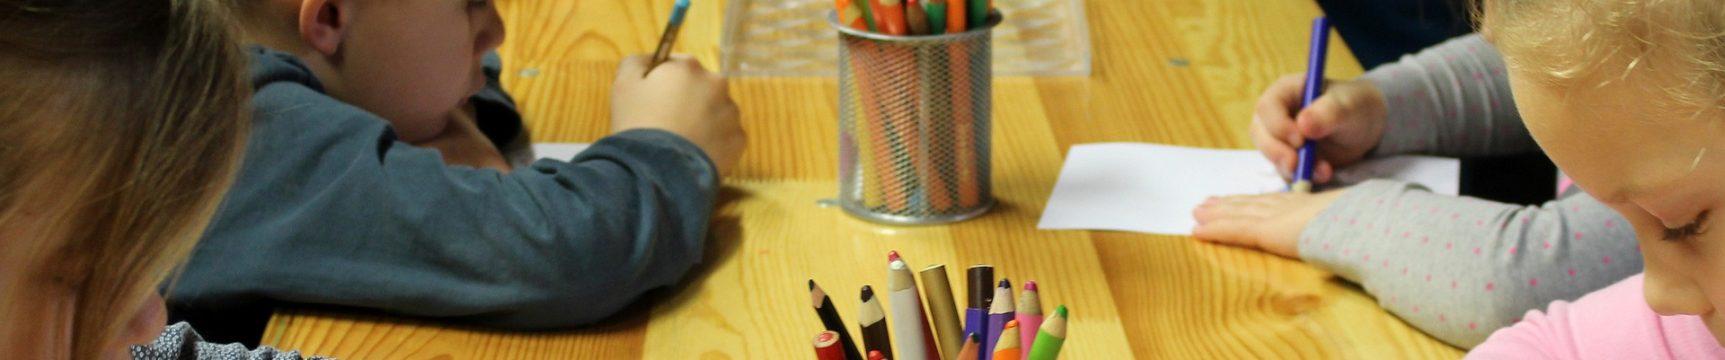 Podpůrná opatření pro vzdělávání žáků se SVP v mateřské škole, úterý 13. 10. 2020, 15:00